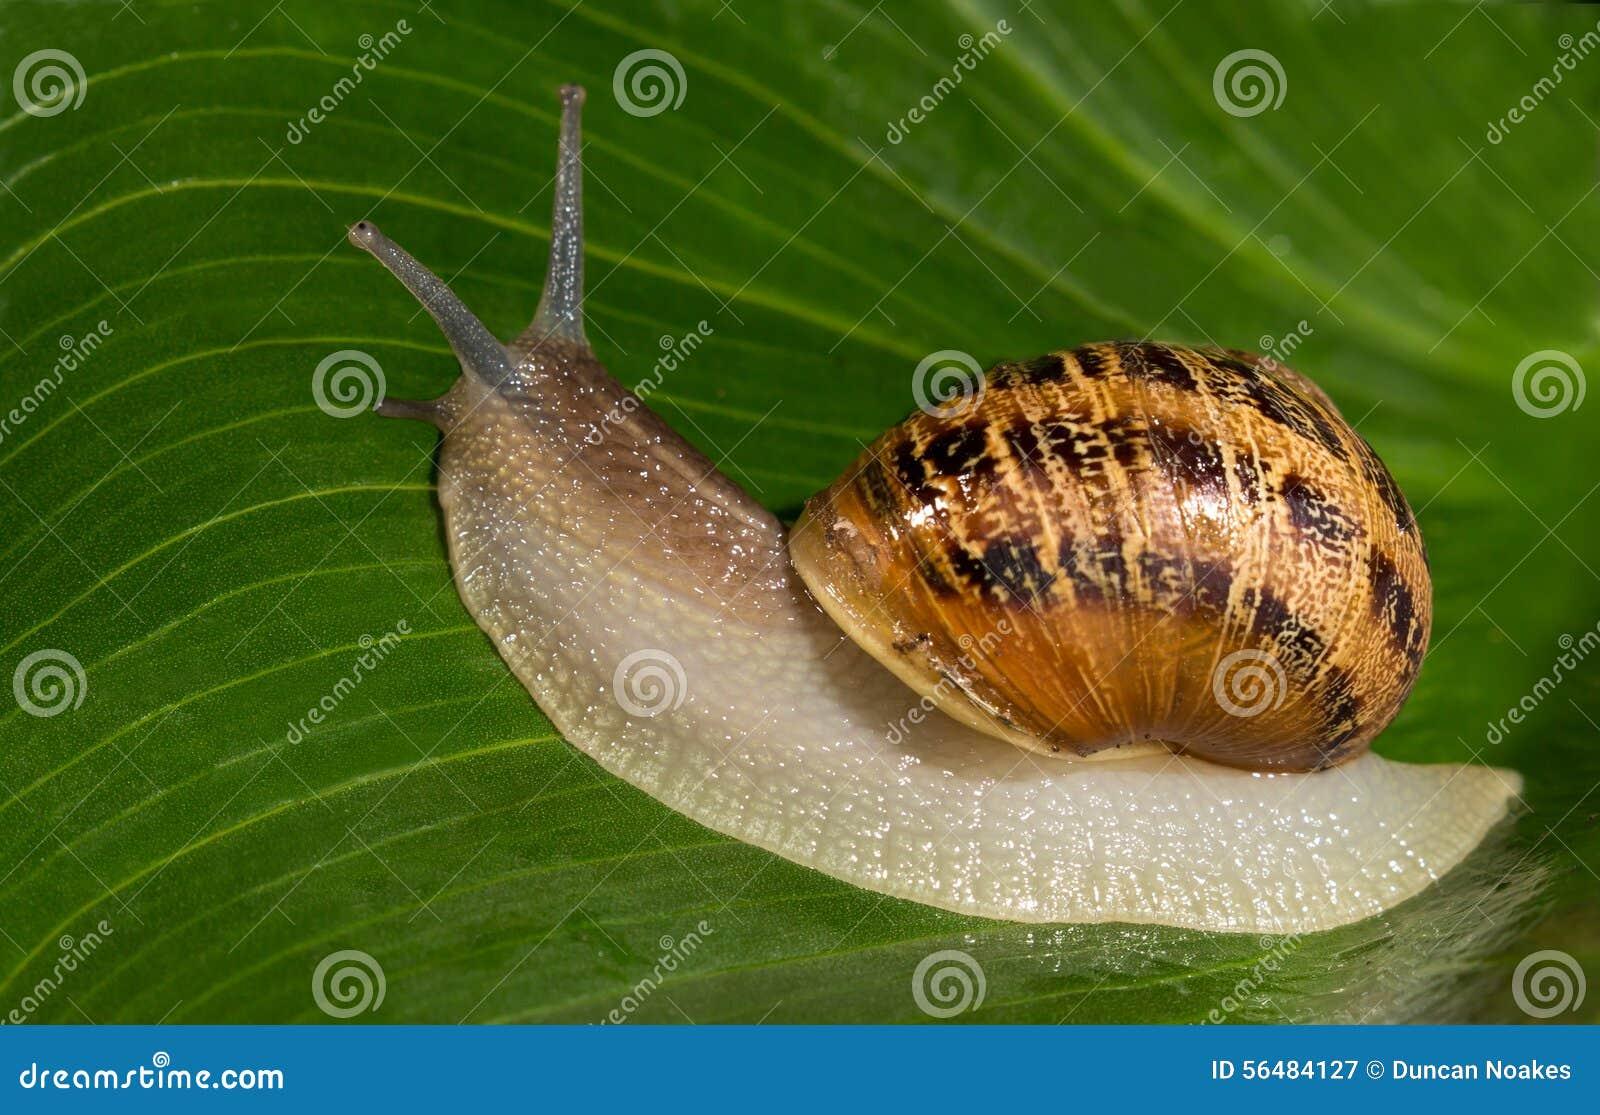 Escargot sur une lame verte